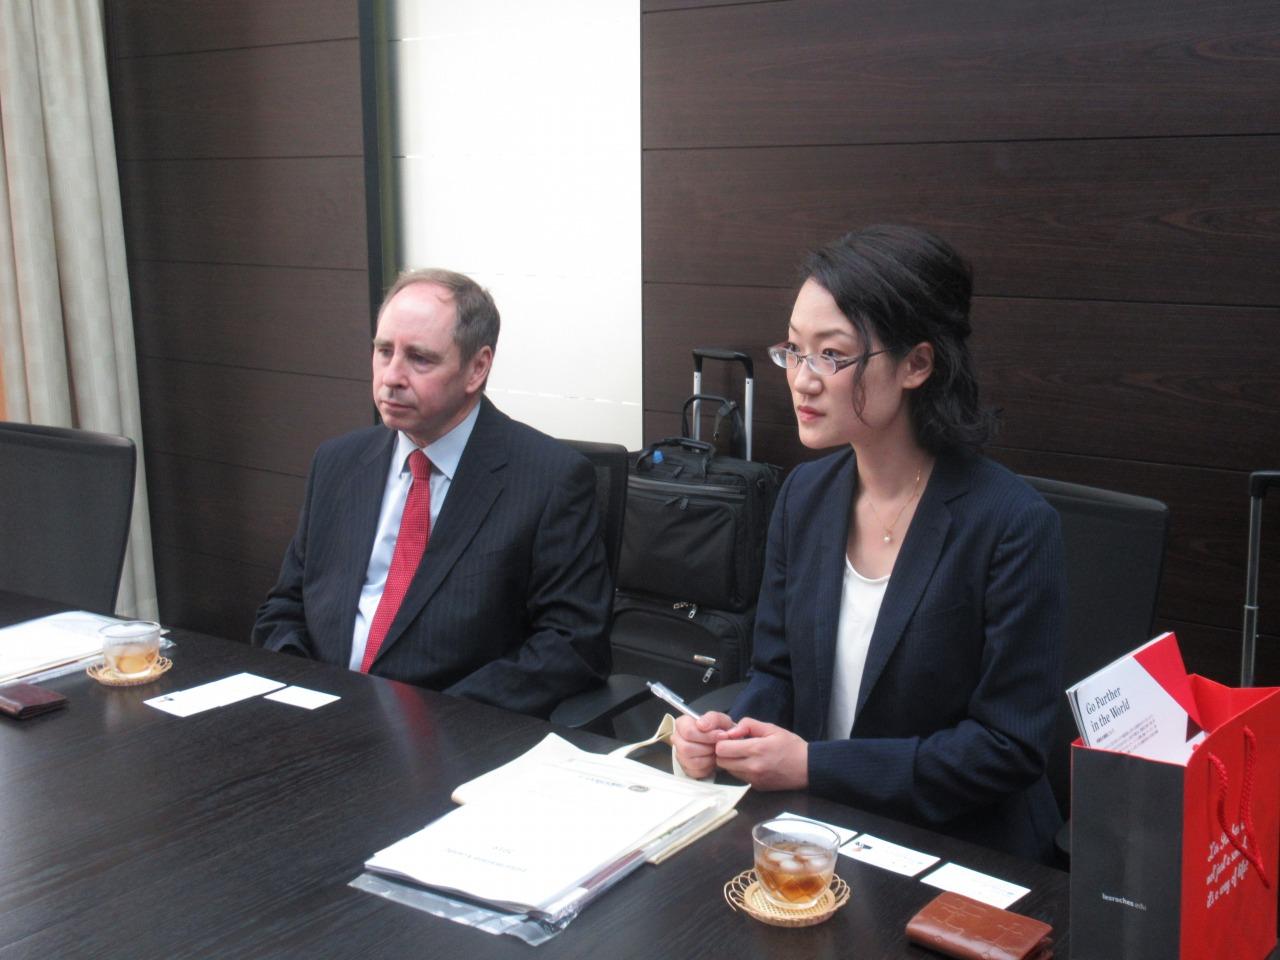 グリオン大学の日本事務局のご担当者Mr. Guy Peters様、中上依美里様(左から順番に)